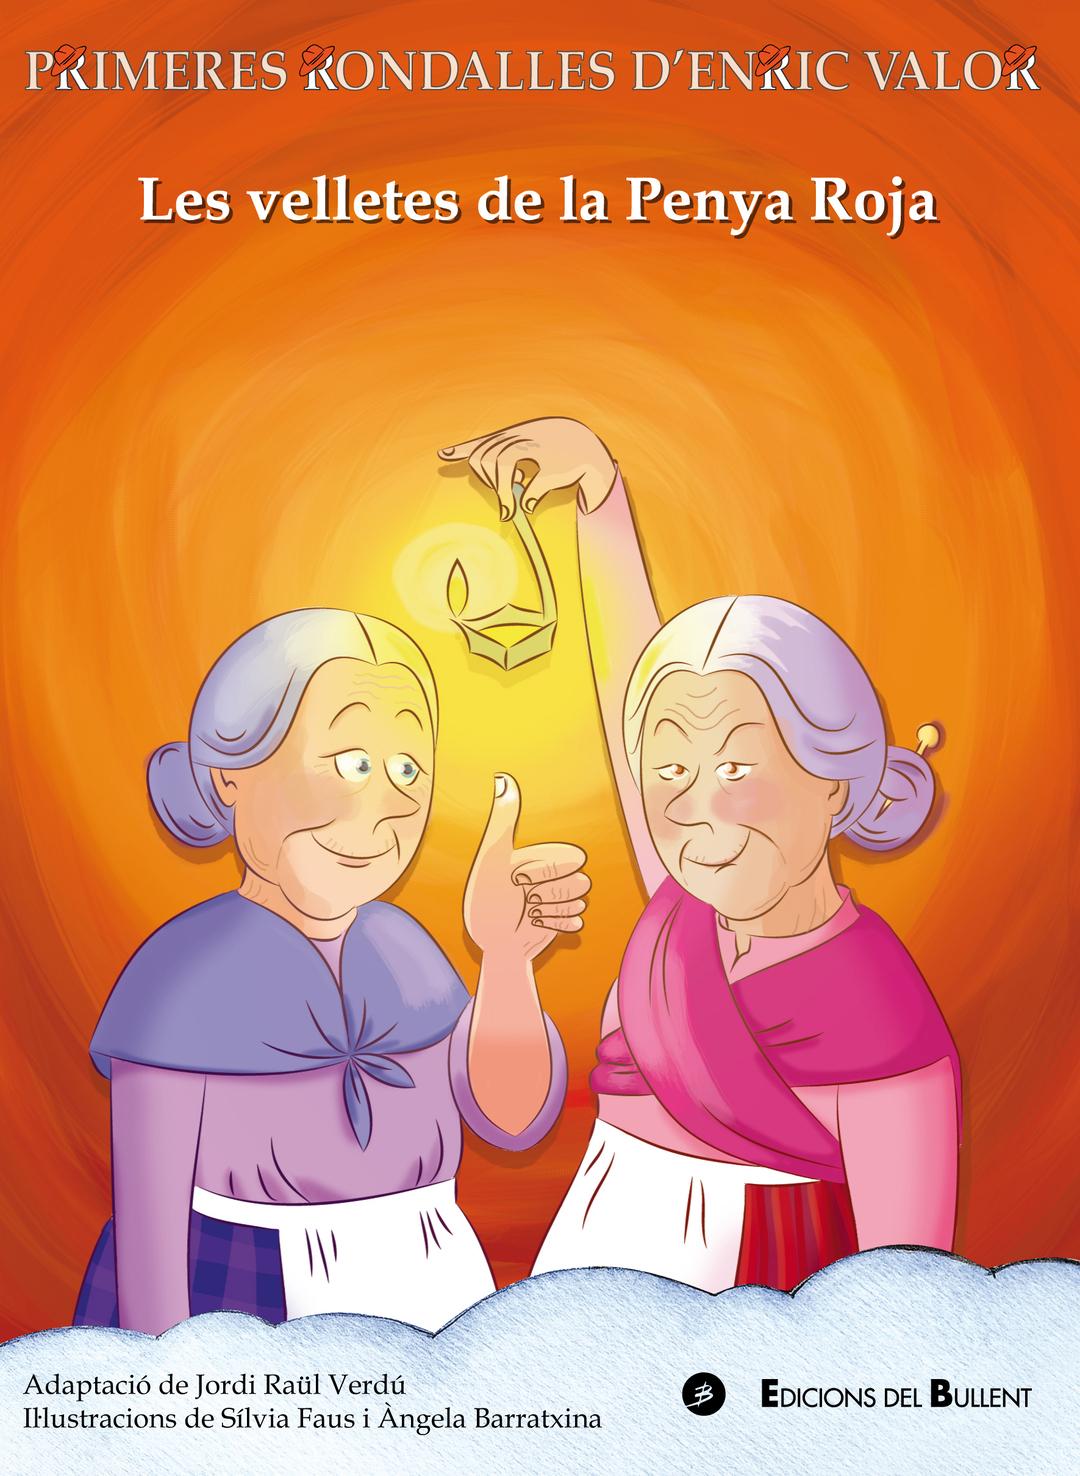 Page 1 of Les velletes de la Penya Roja